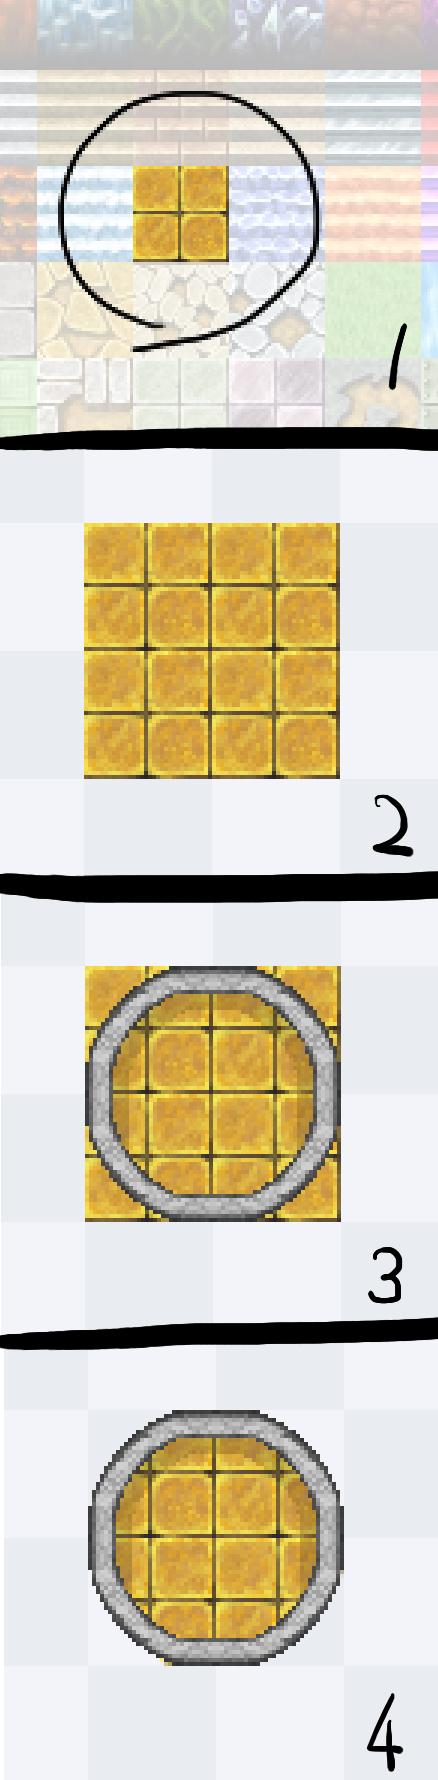 縁石丸作り方